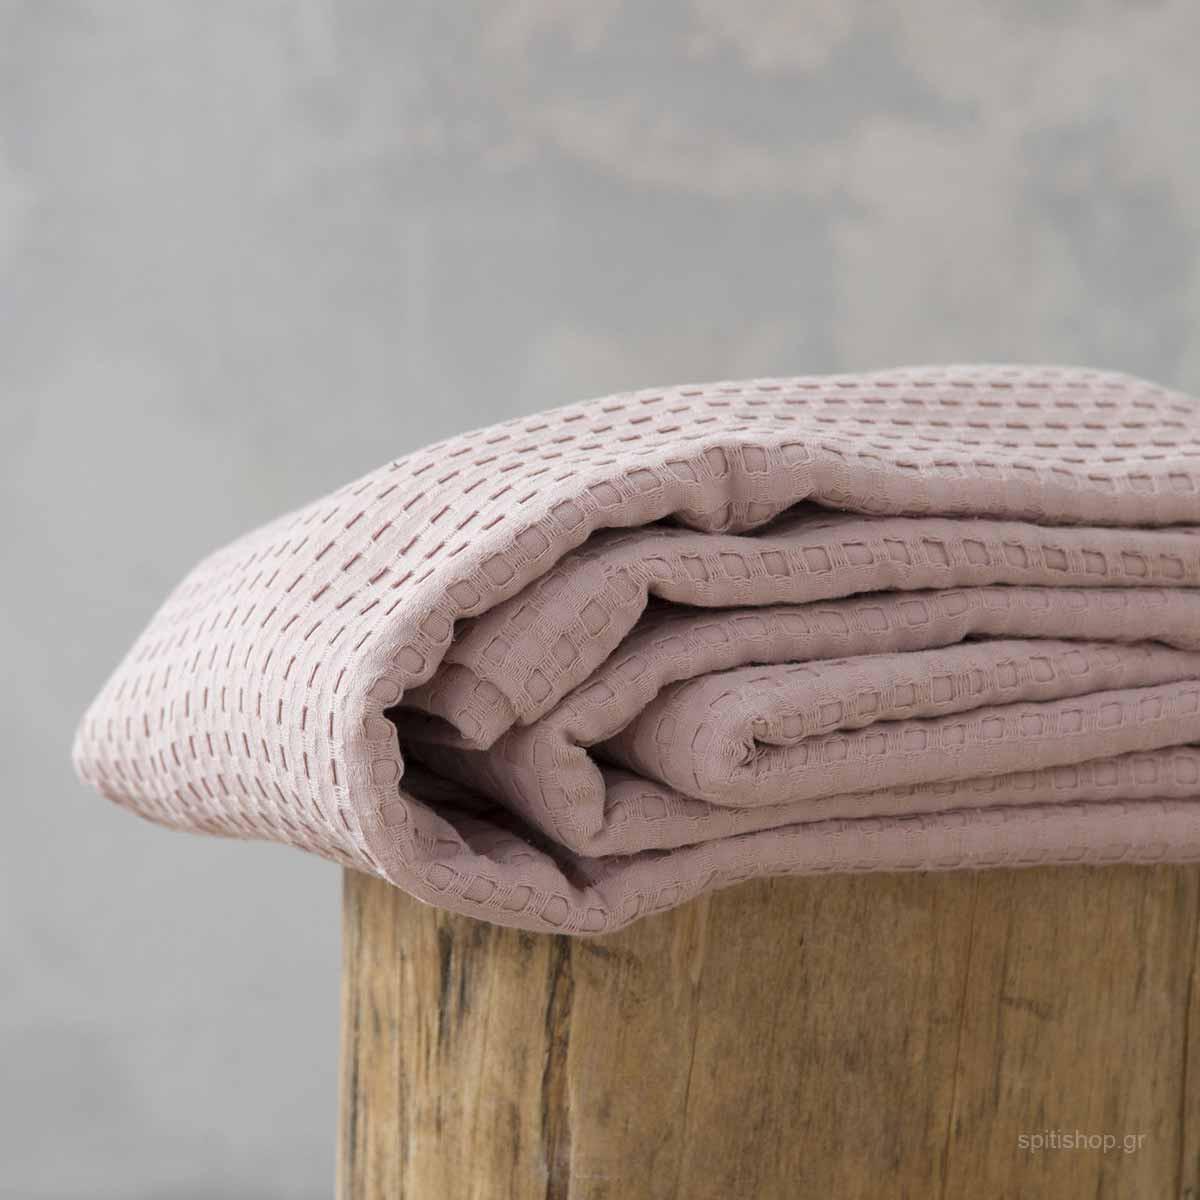 Κουβέρτα Πικέ Μονή Nima Layers Habit Peach home   παιδικά   κουβέρτες παιδικές   κουβέρτες καλοκαιρινές